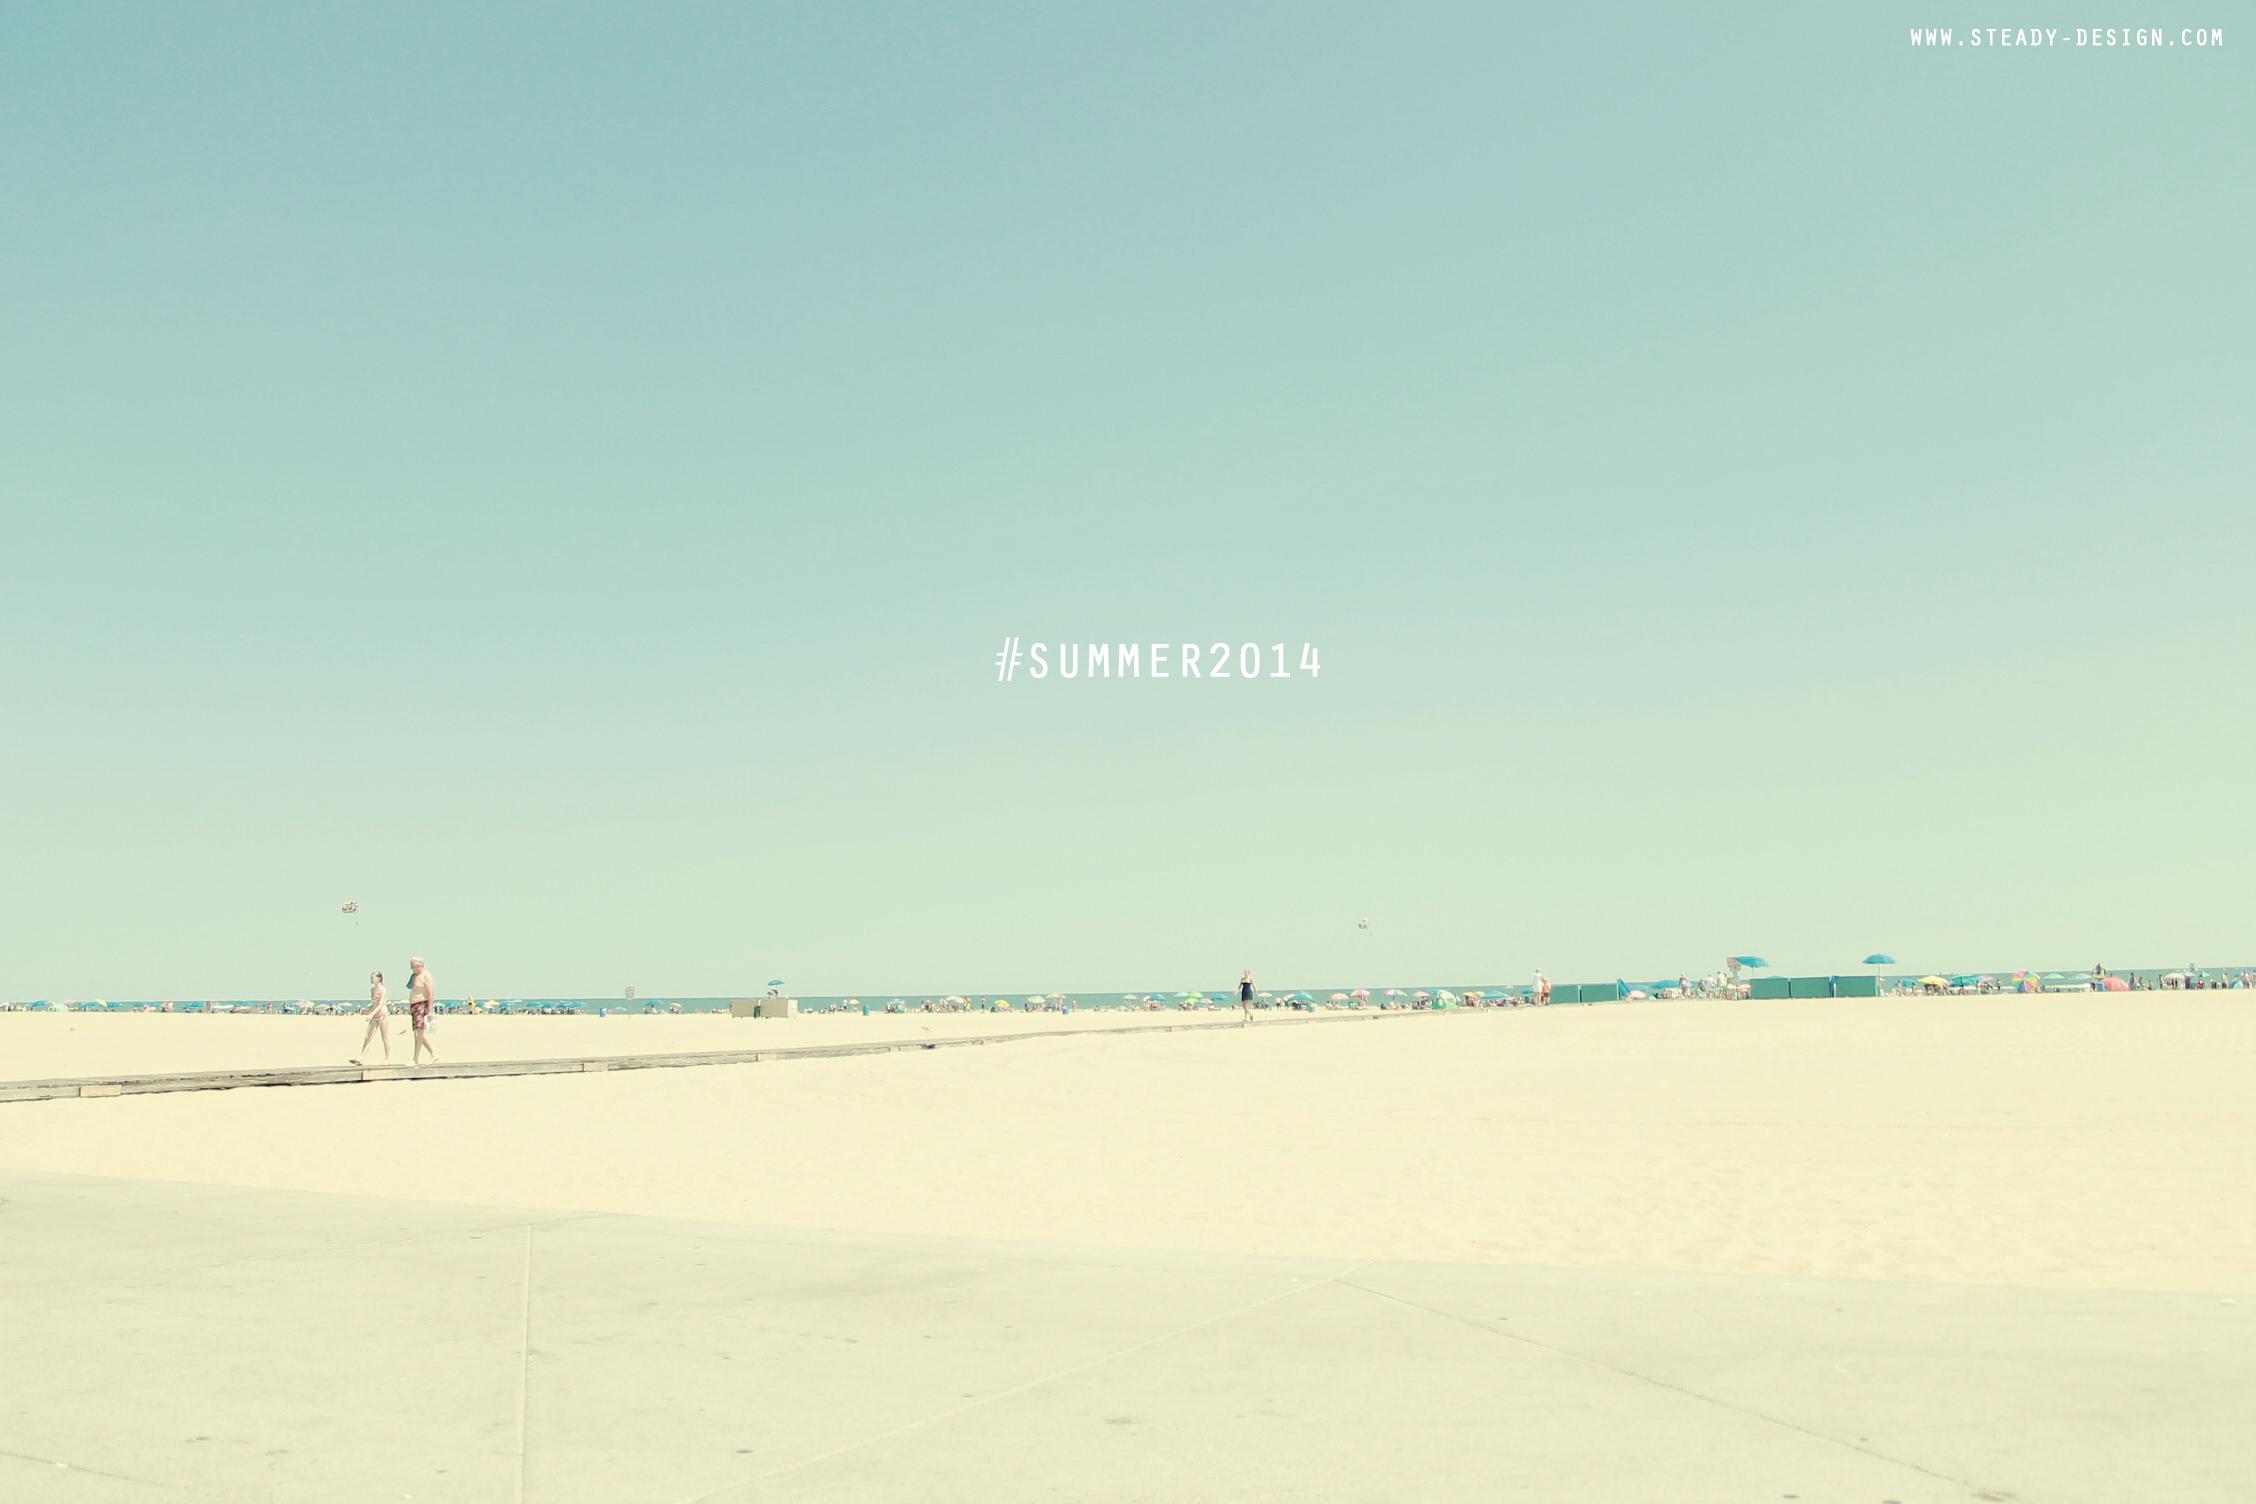 #SUMMER2014